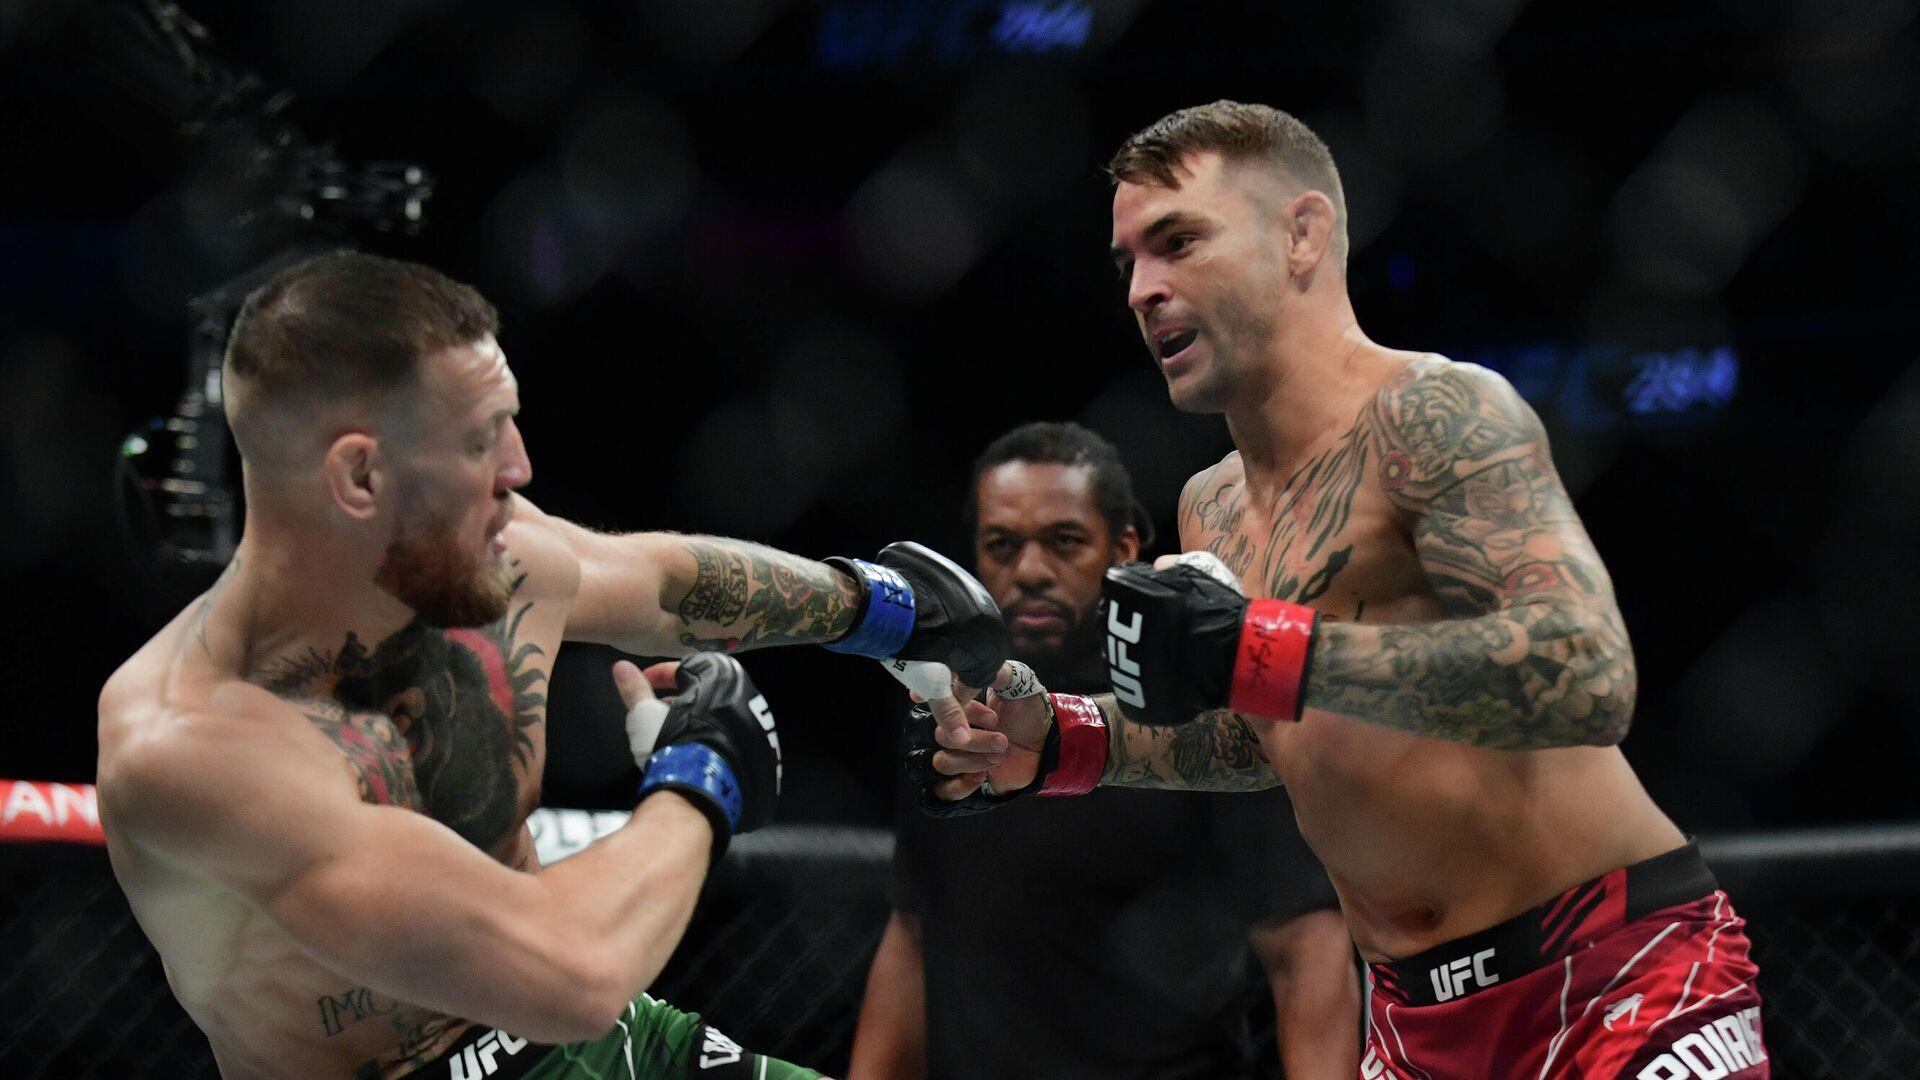 Conor McGregor (l.) und Dustin Poirier am 11. Juli 2021 bei UFC 264 in Las Vegas, USA - SNA, 1920, 11.07.2021